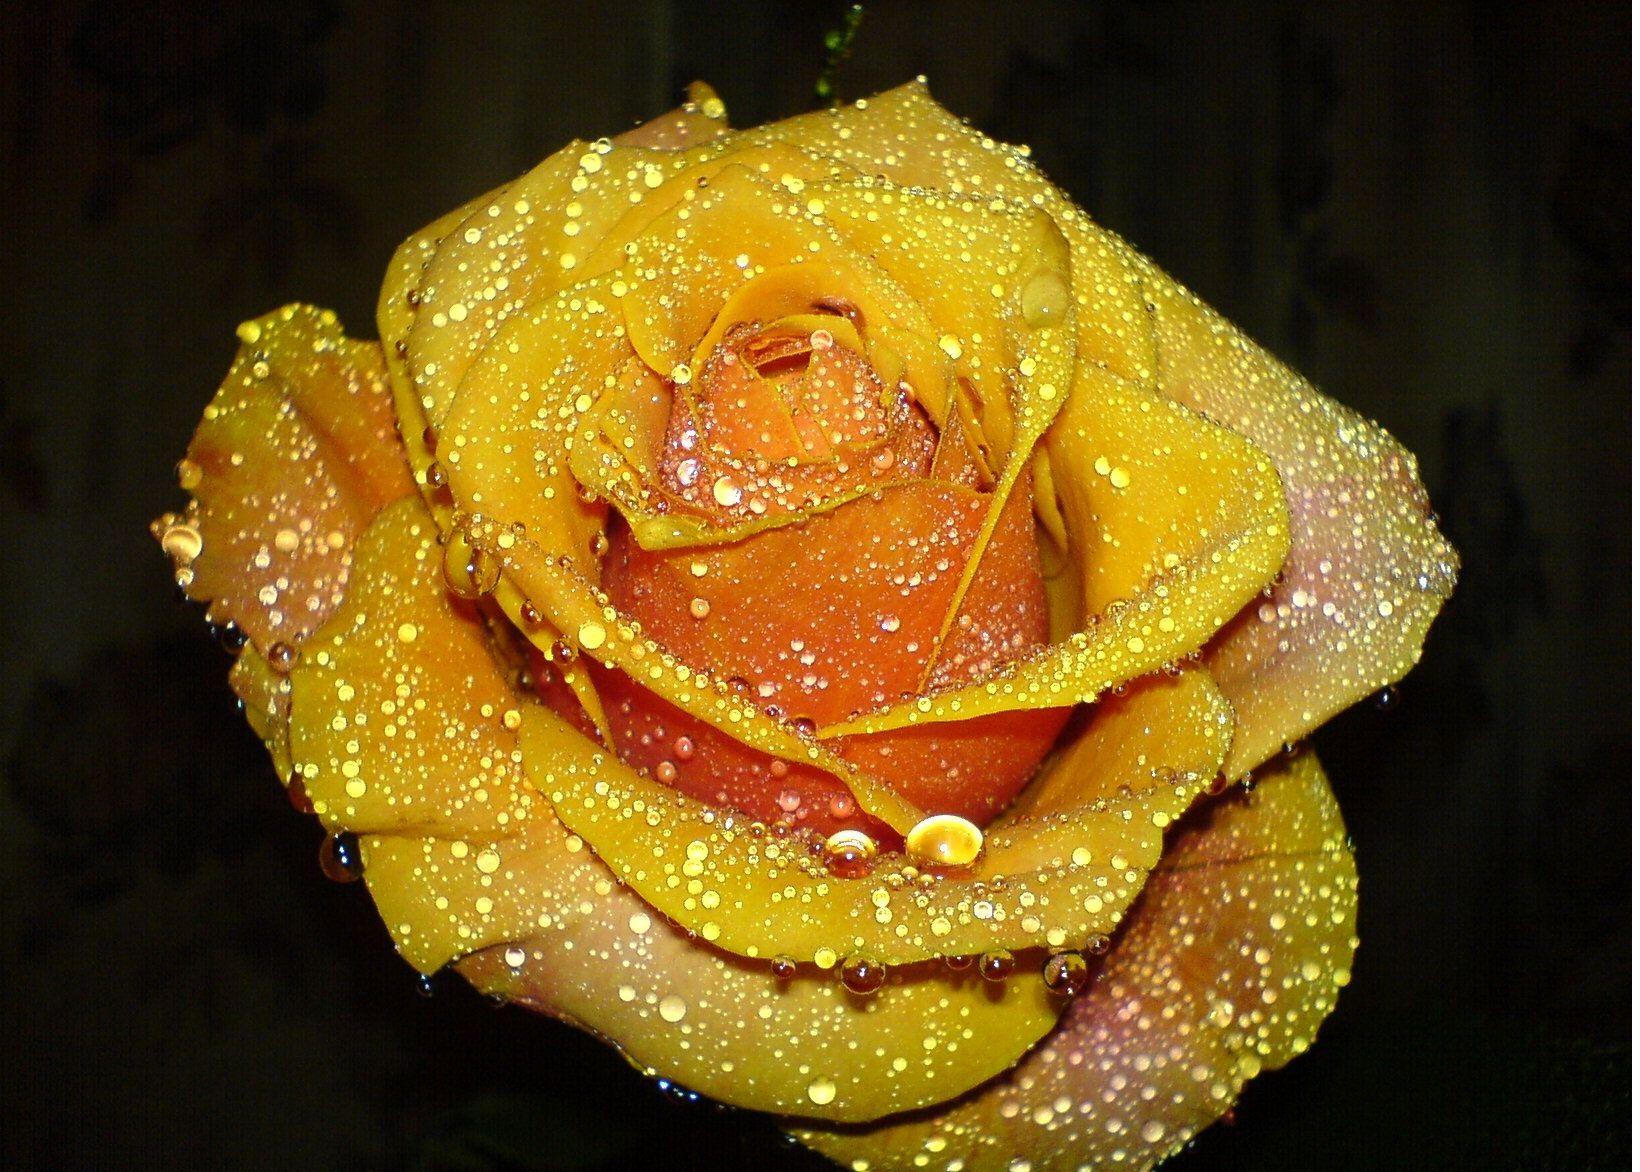 جمال الورد الاصفر Imagx